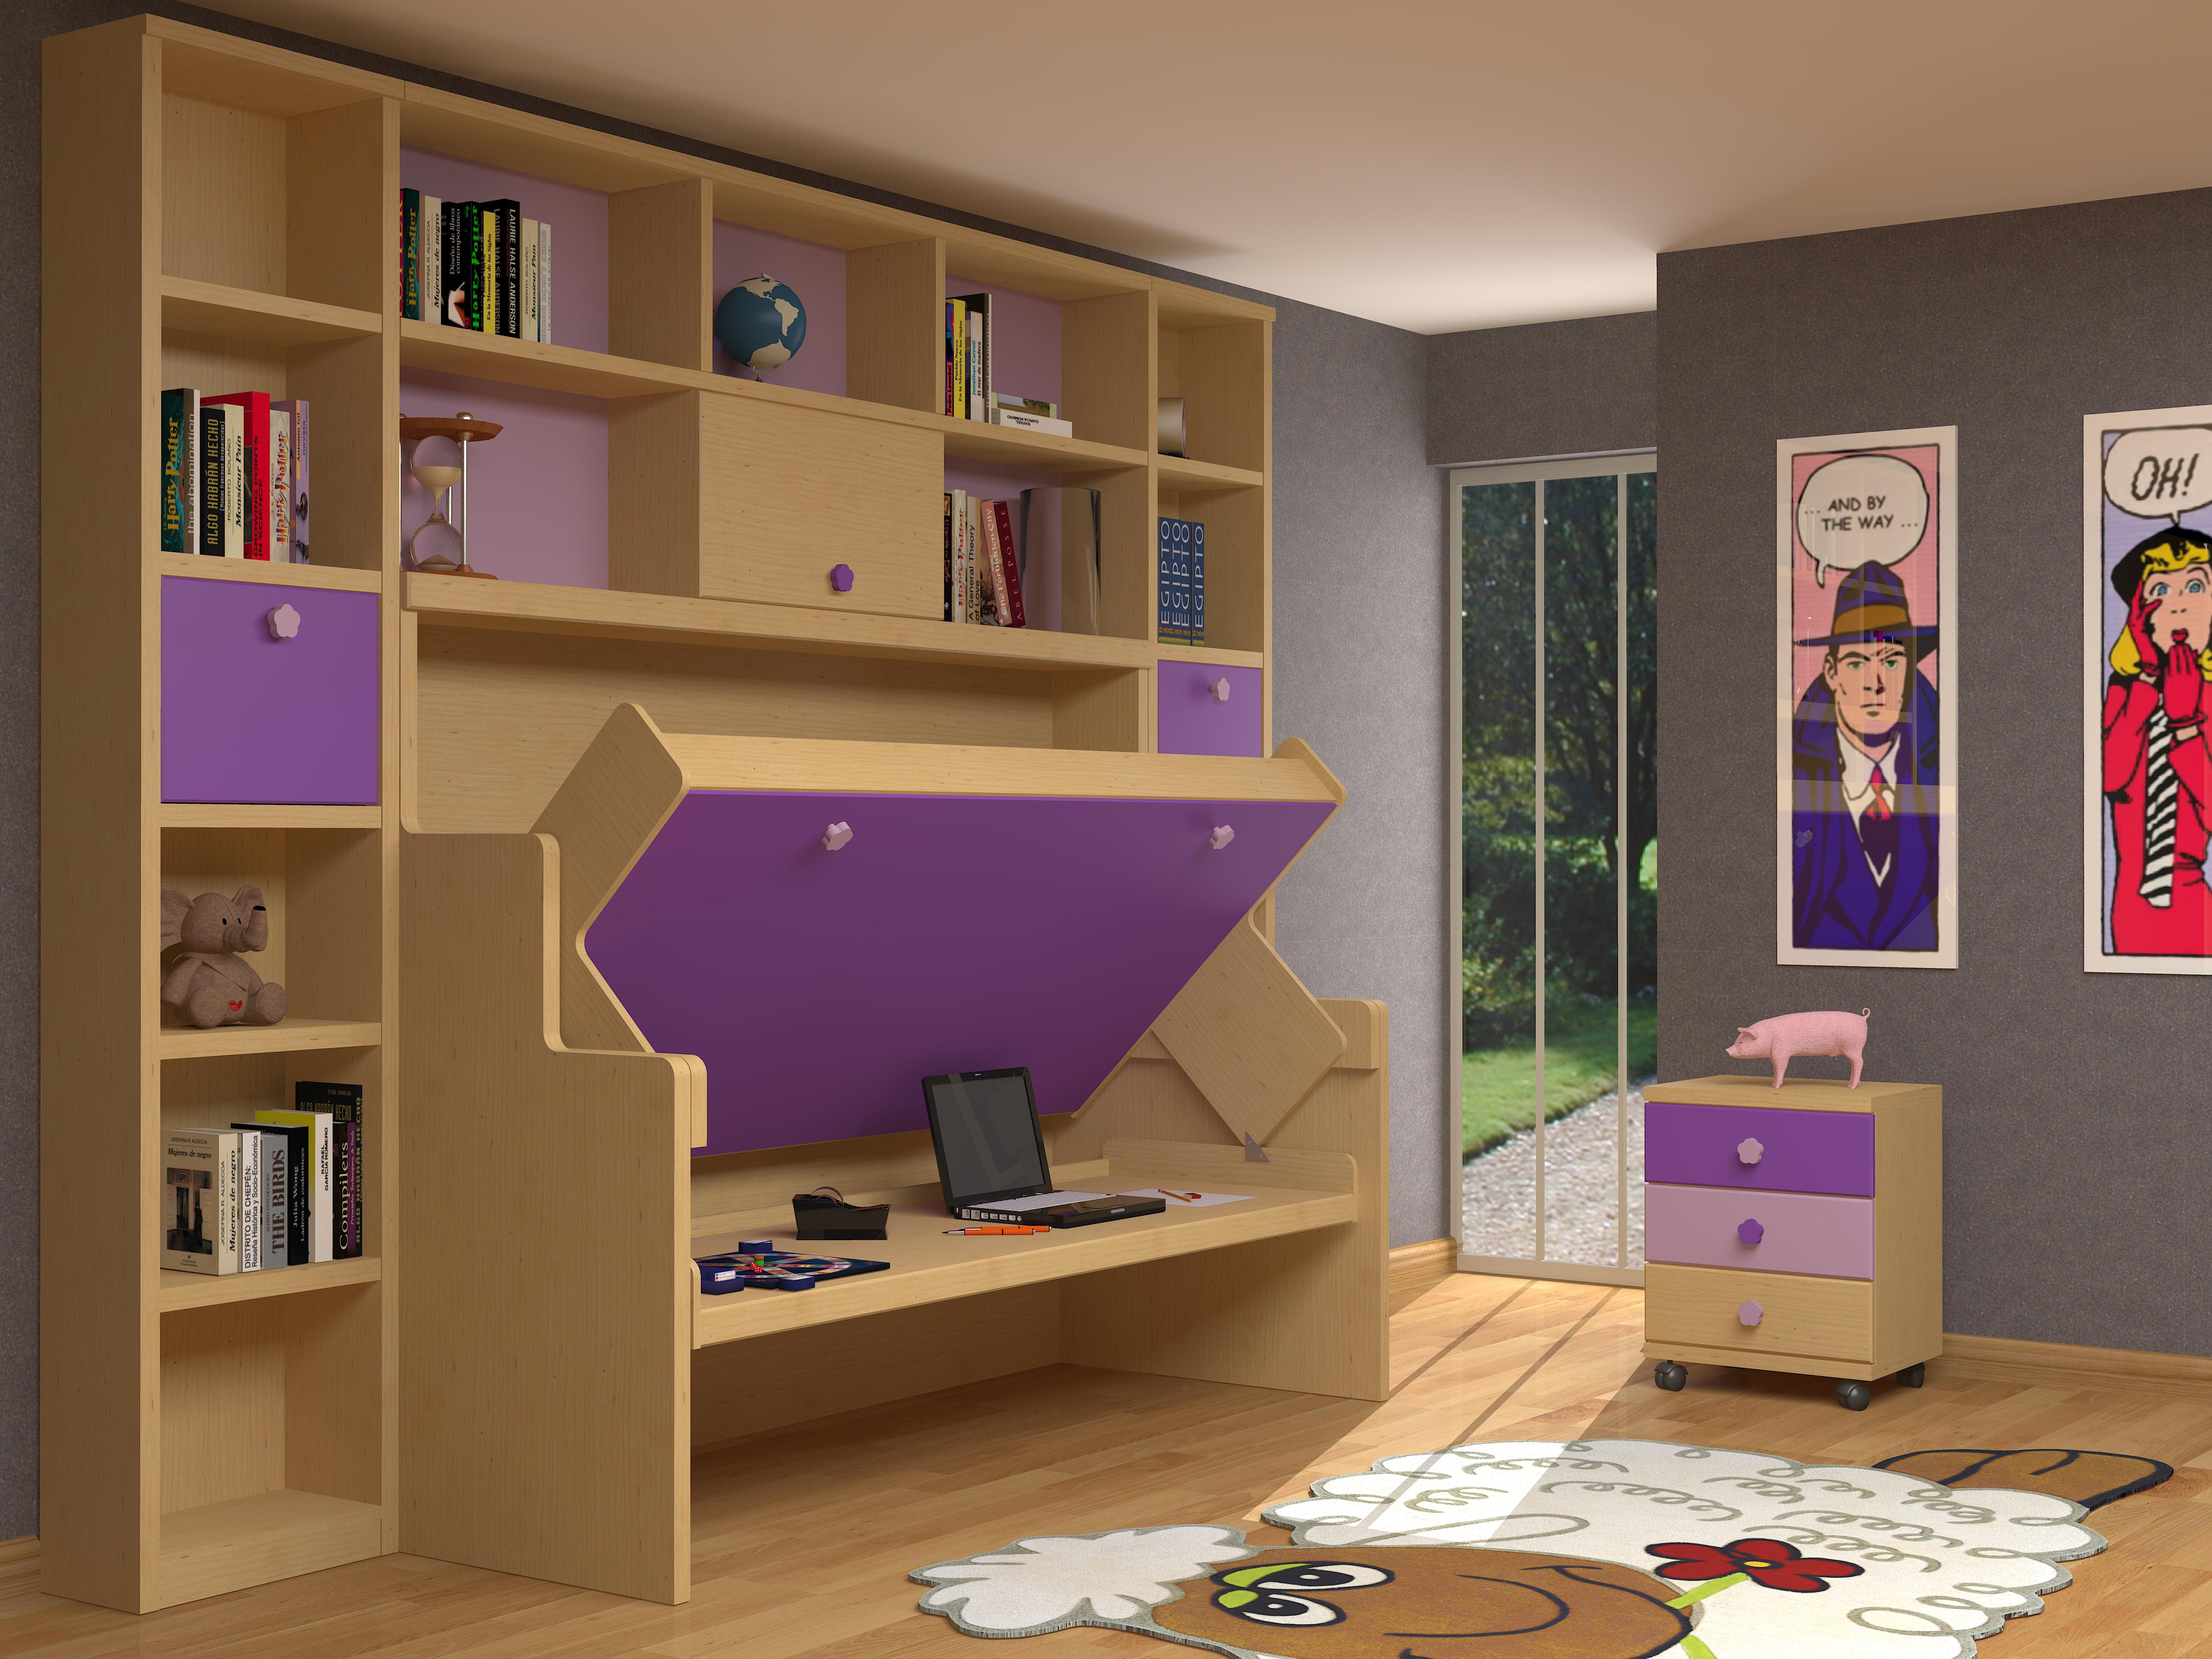 Soluciones de espacio en juveniles kimobel dise o - Habitaciones con literas abatibles ...